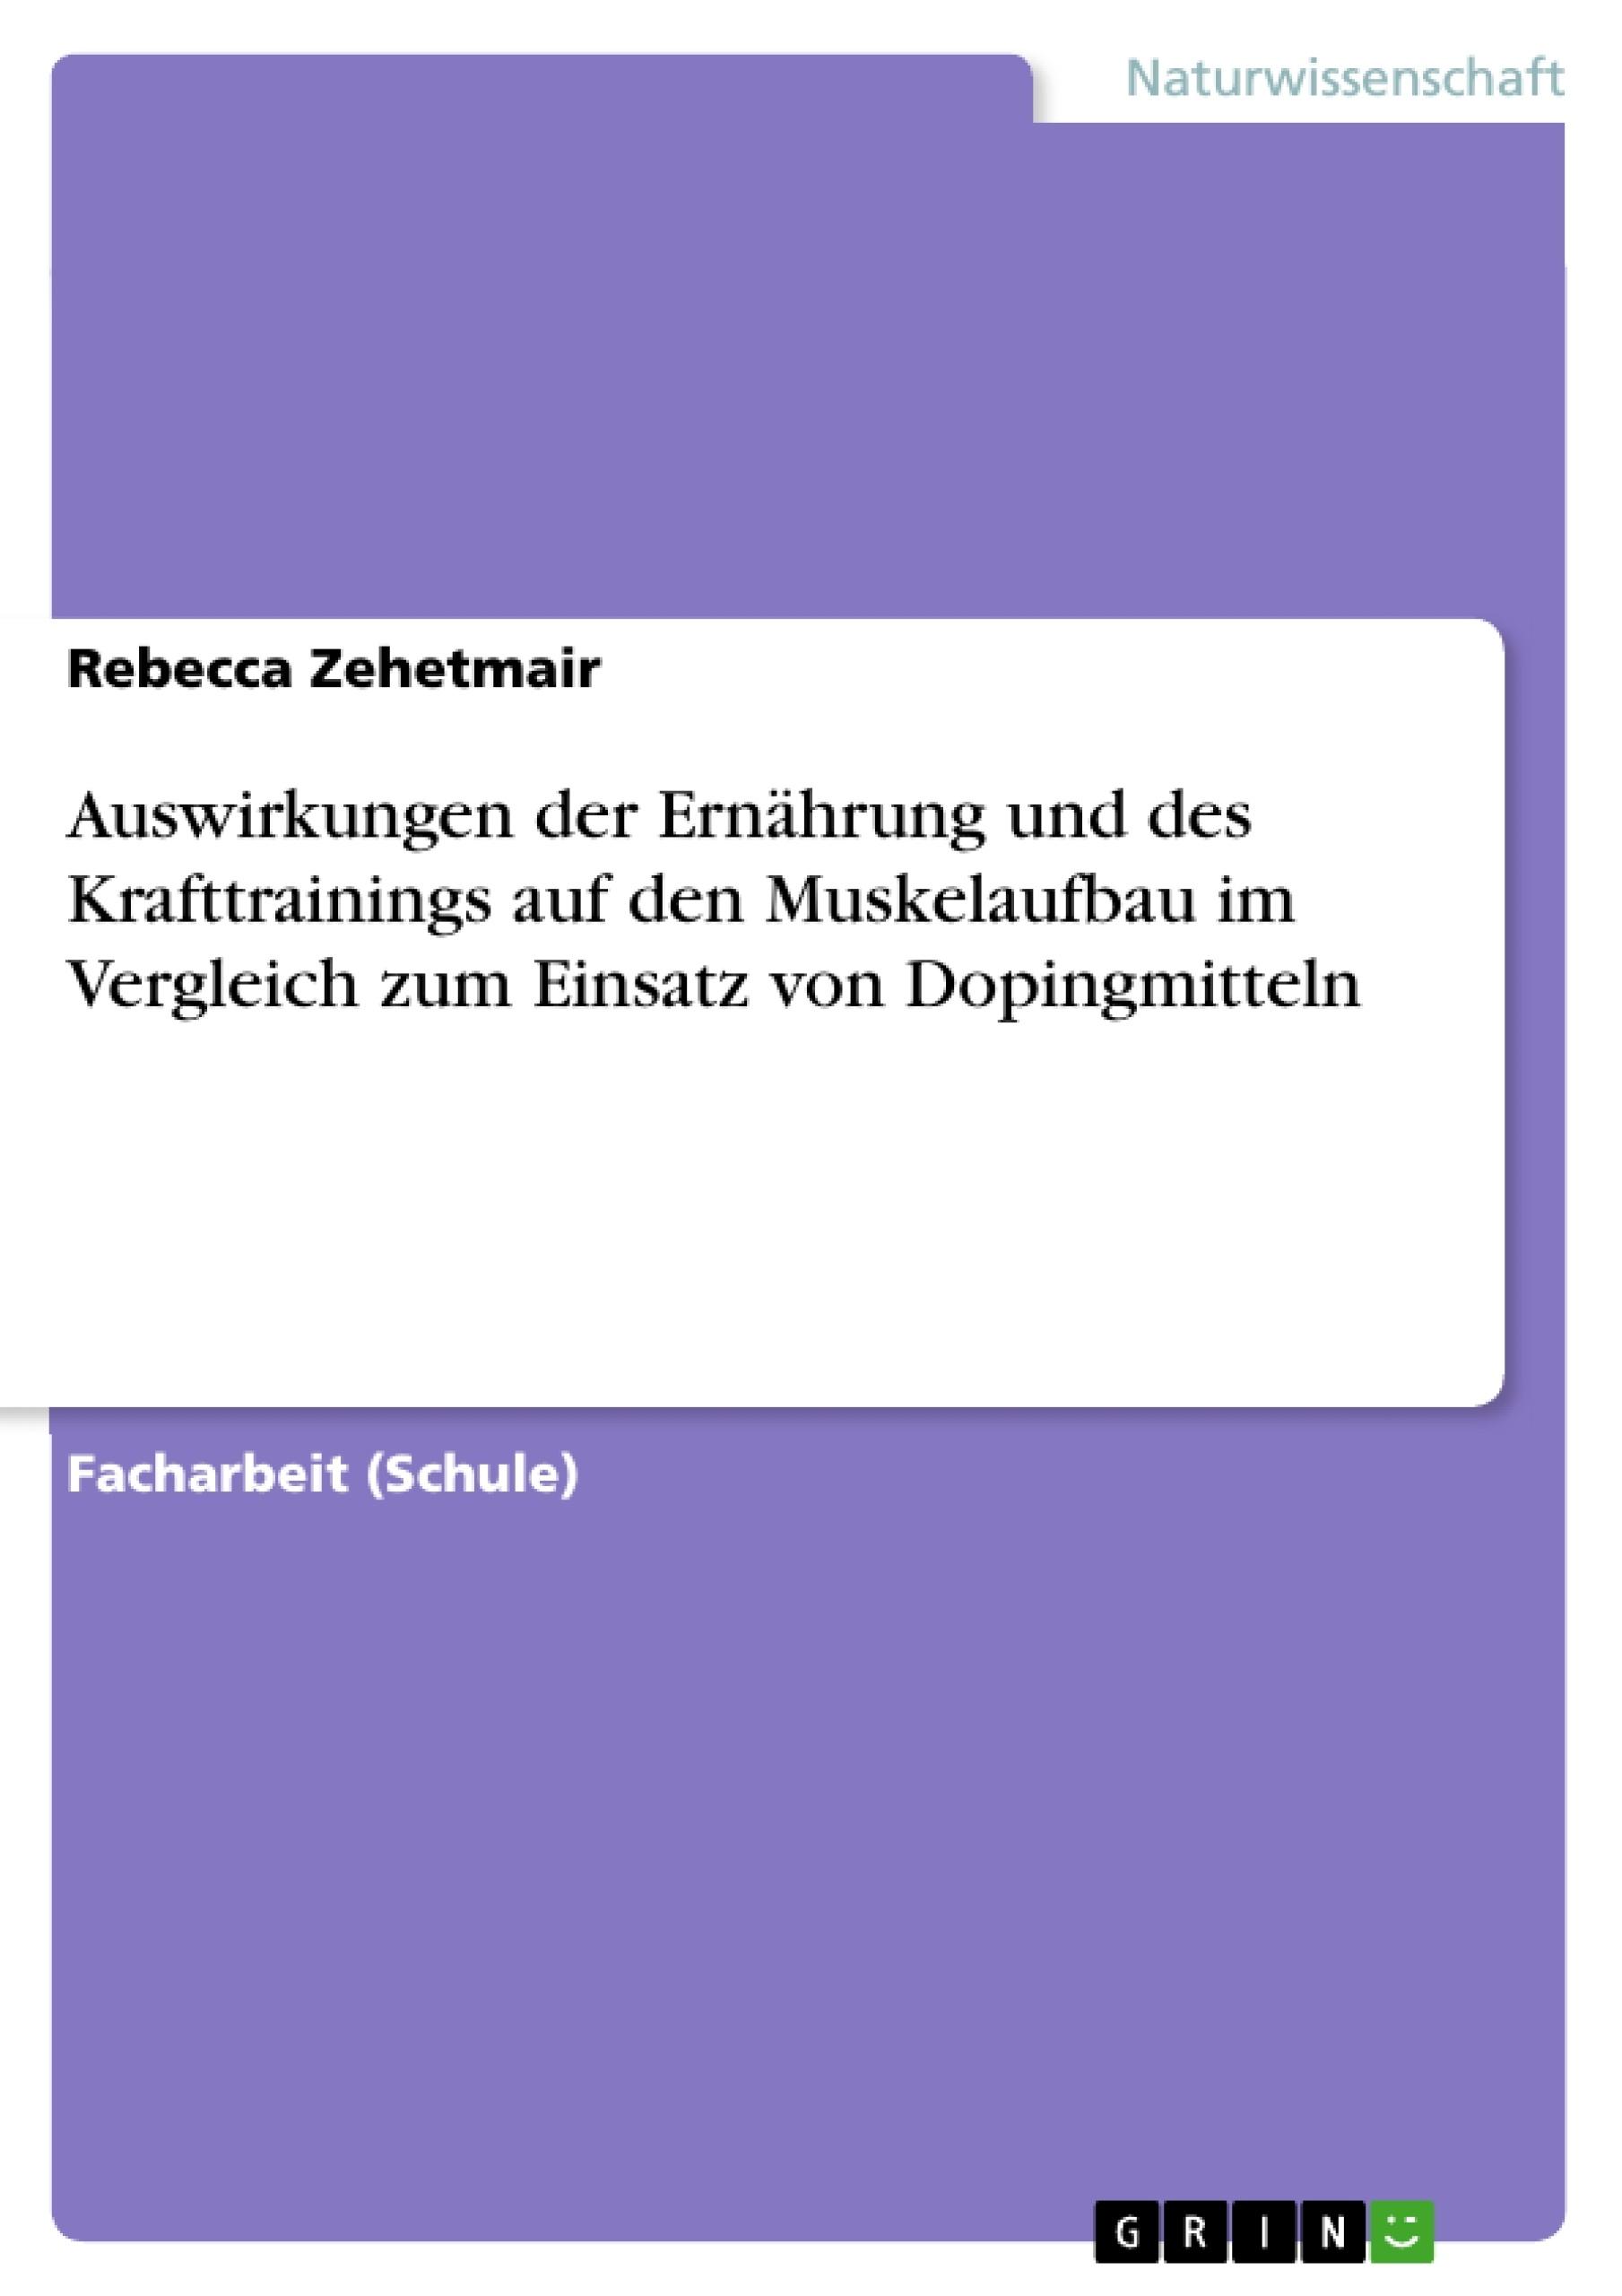 Titel: Auswirkungen der Ernährung und des Krafttrainings auf den Muskelaufbau im Vergleich zum Einsatz von Dopingmitteln